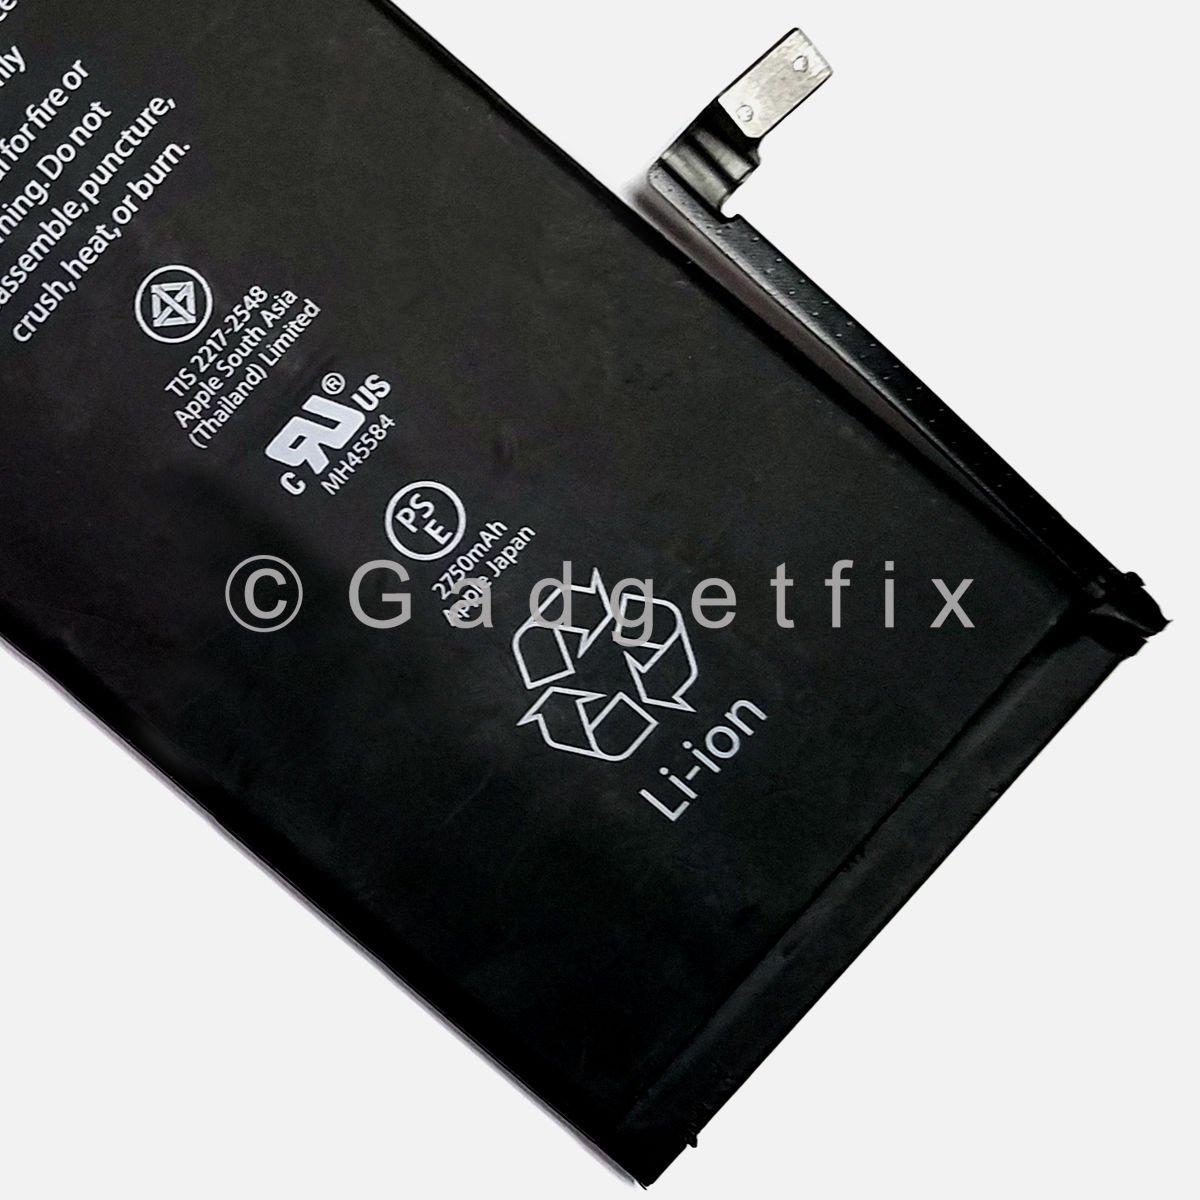 OEM Li-ion Battery For Apple iPhone 6S Plus | Cadex Tested Minimum 80% Capacity